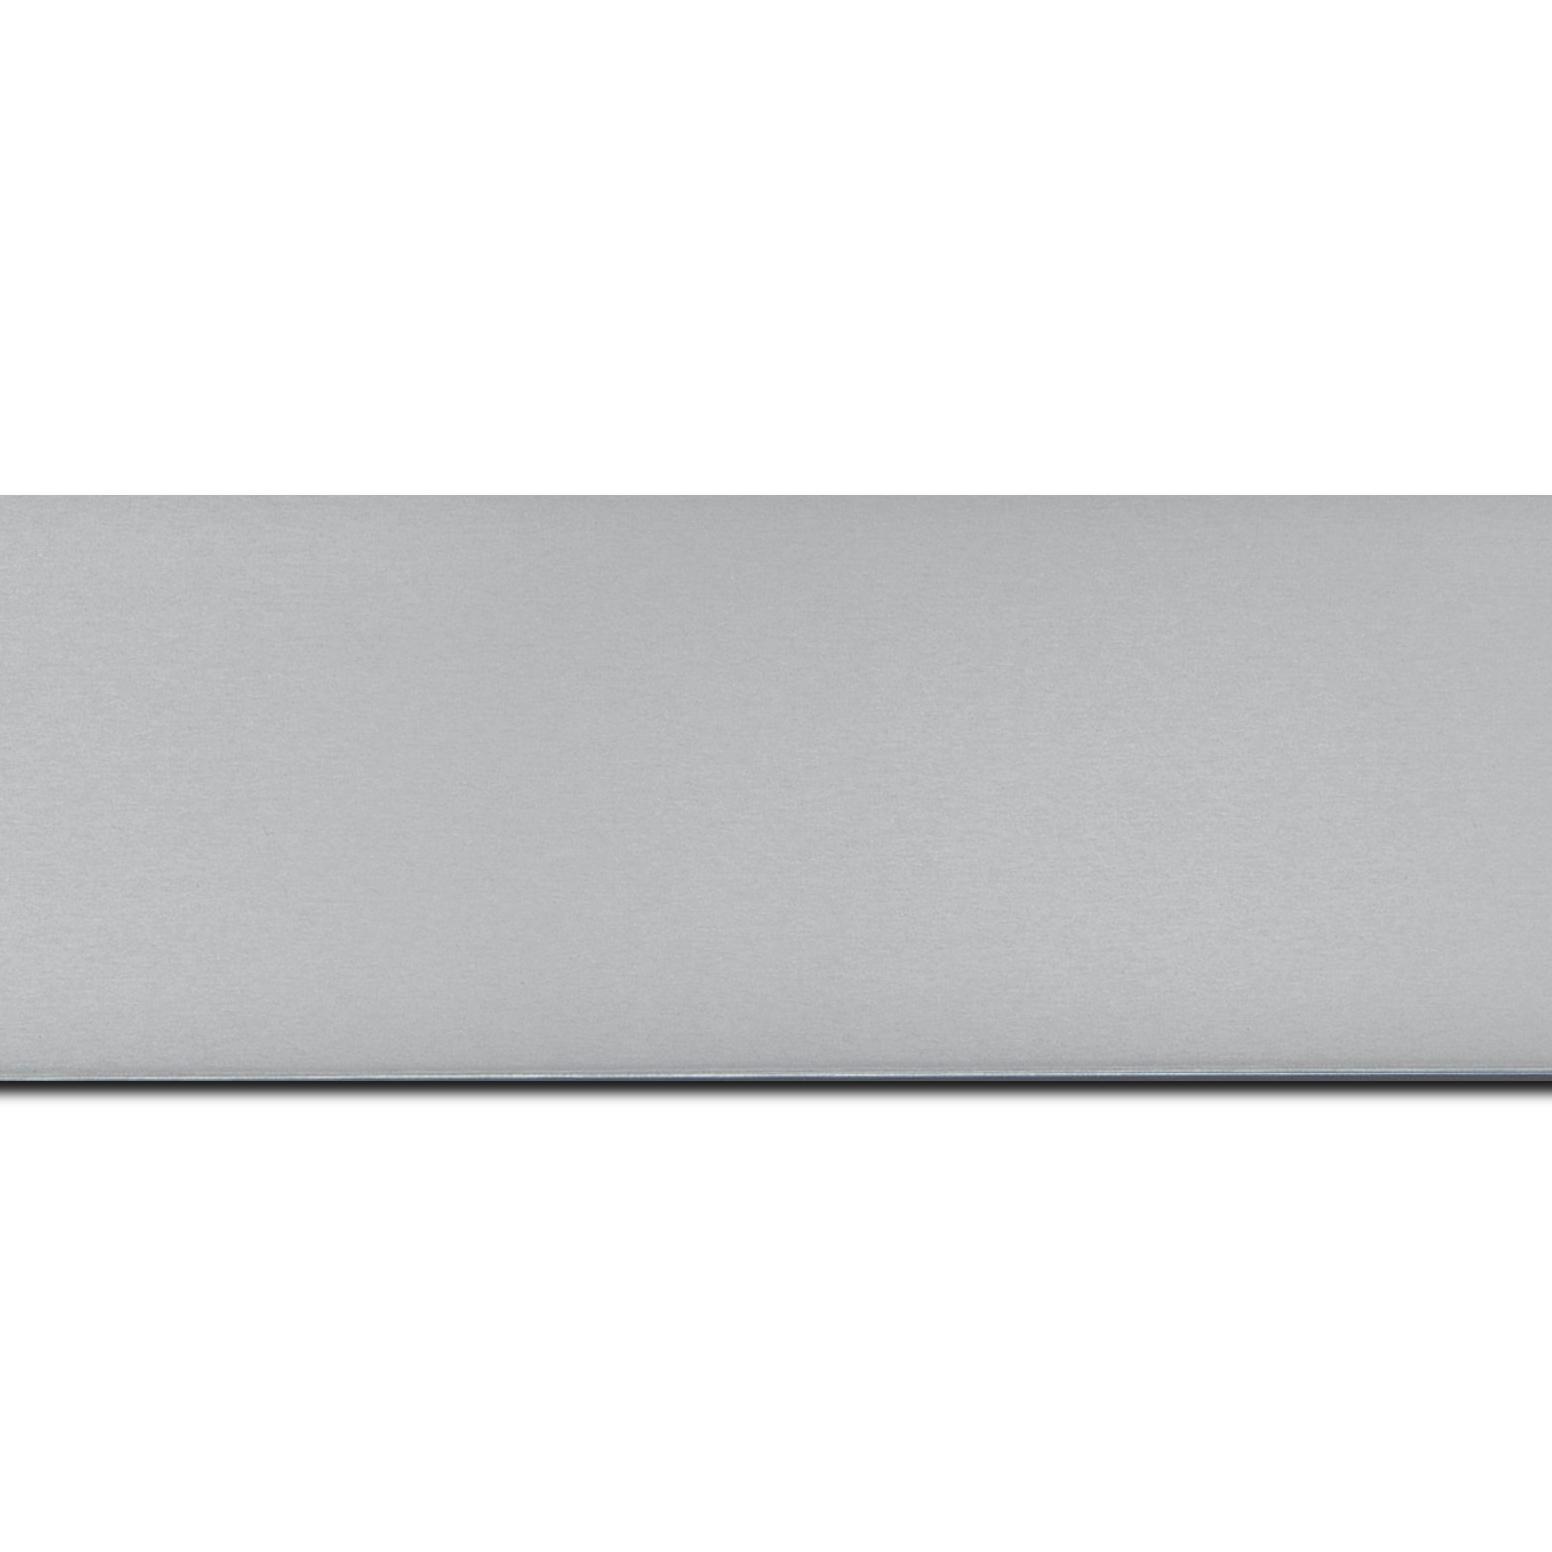 Pack par 12m, bois recouvert aluminium profil plat largeur 6cm argent brossé bord droit (longueur baguette pouvant varier entre 2.40m et 3m selon arrivage des bois)